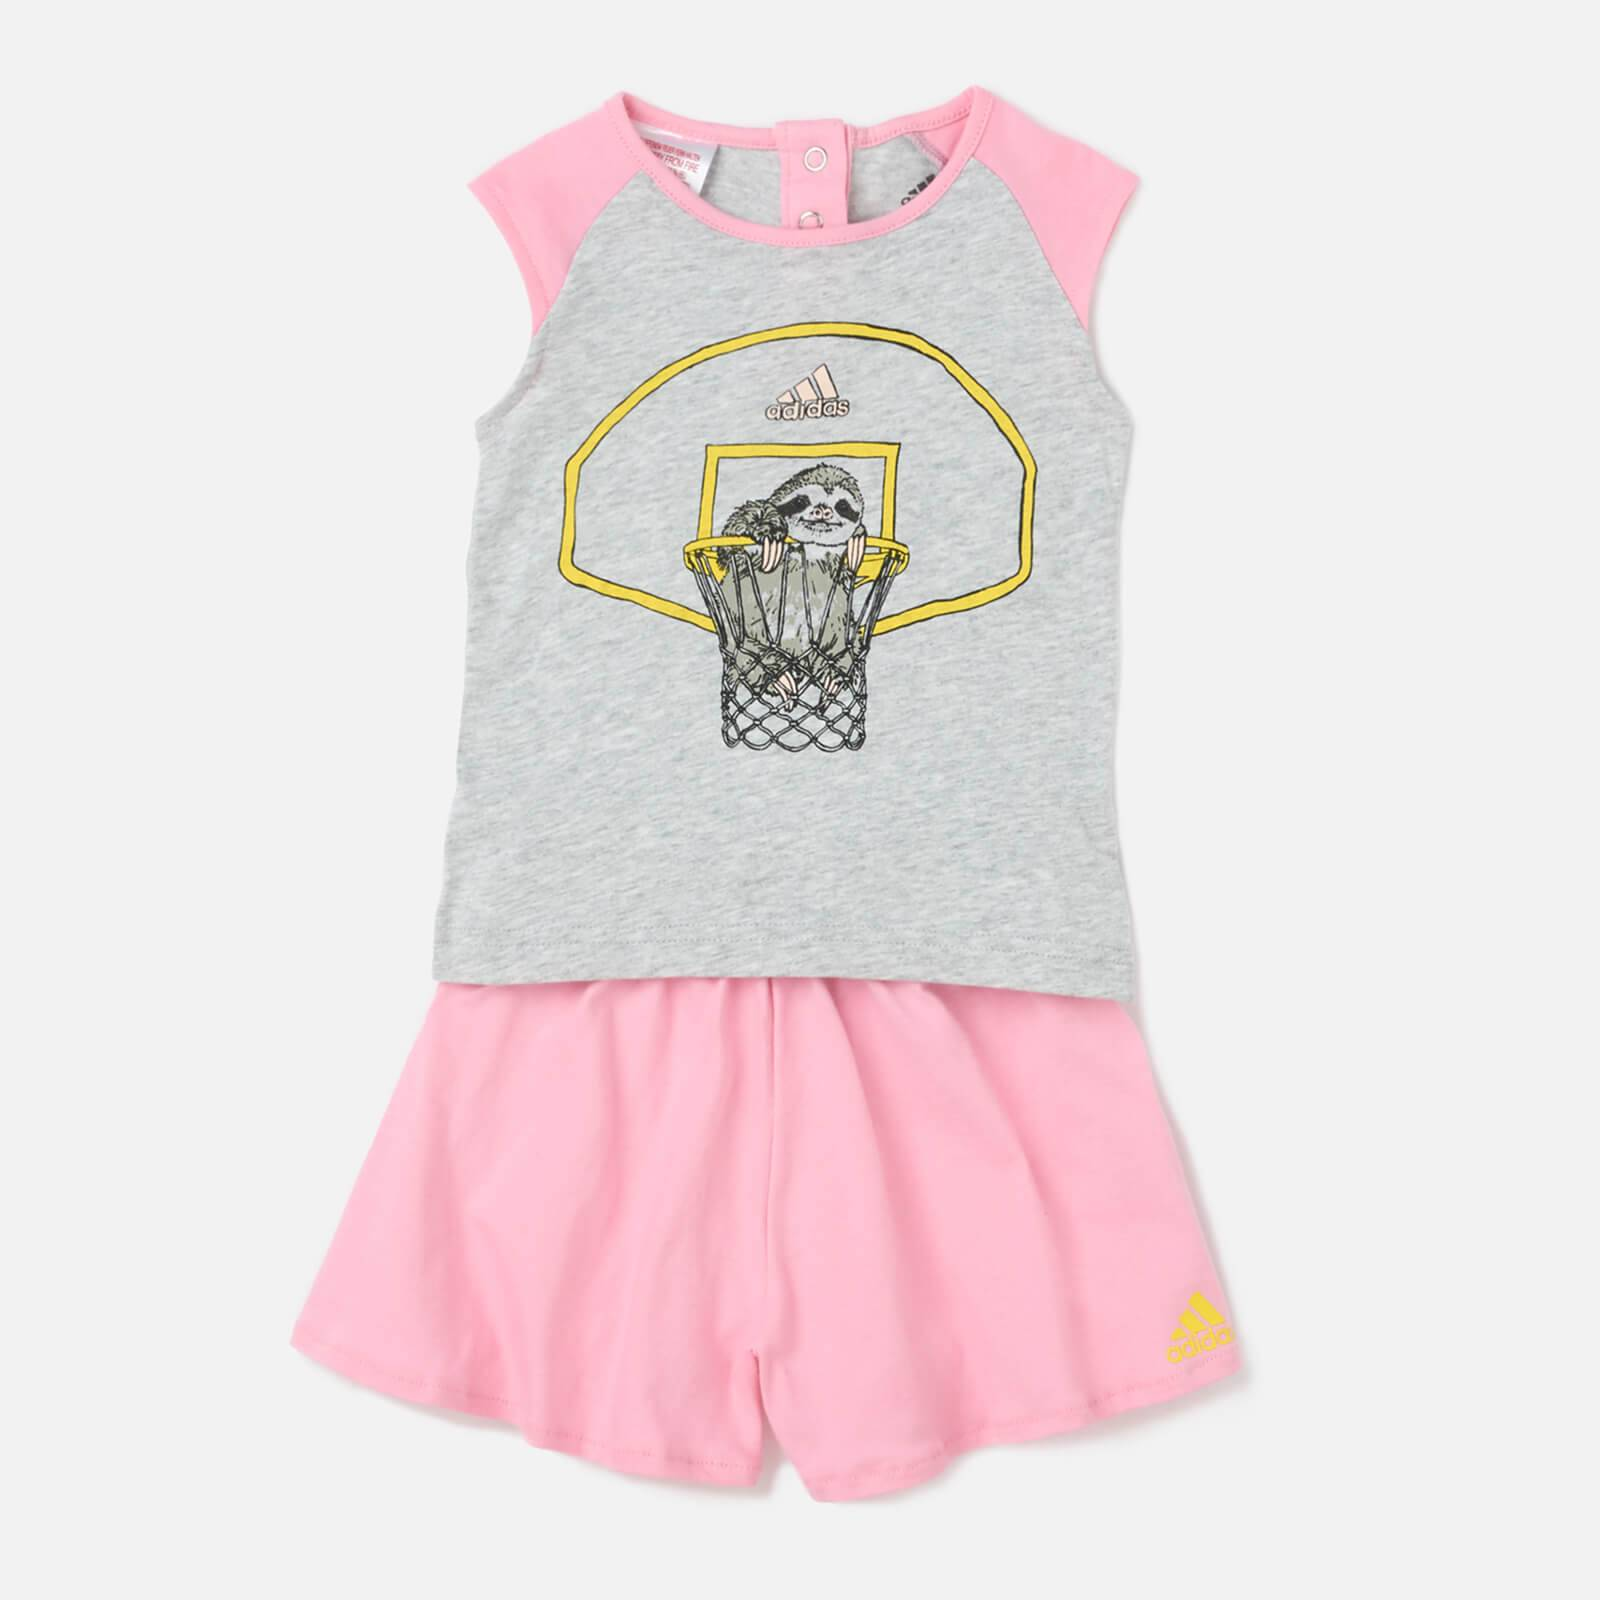 adidas Girls' Animal T-Shirt Set - Grey - 9-12 months - Grey